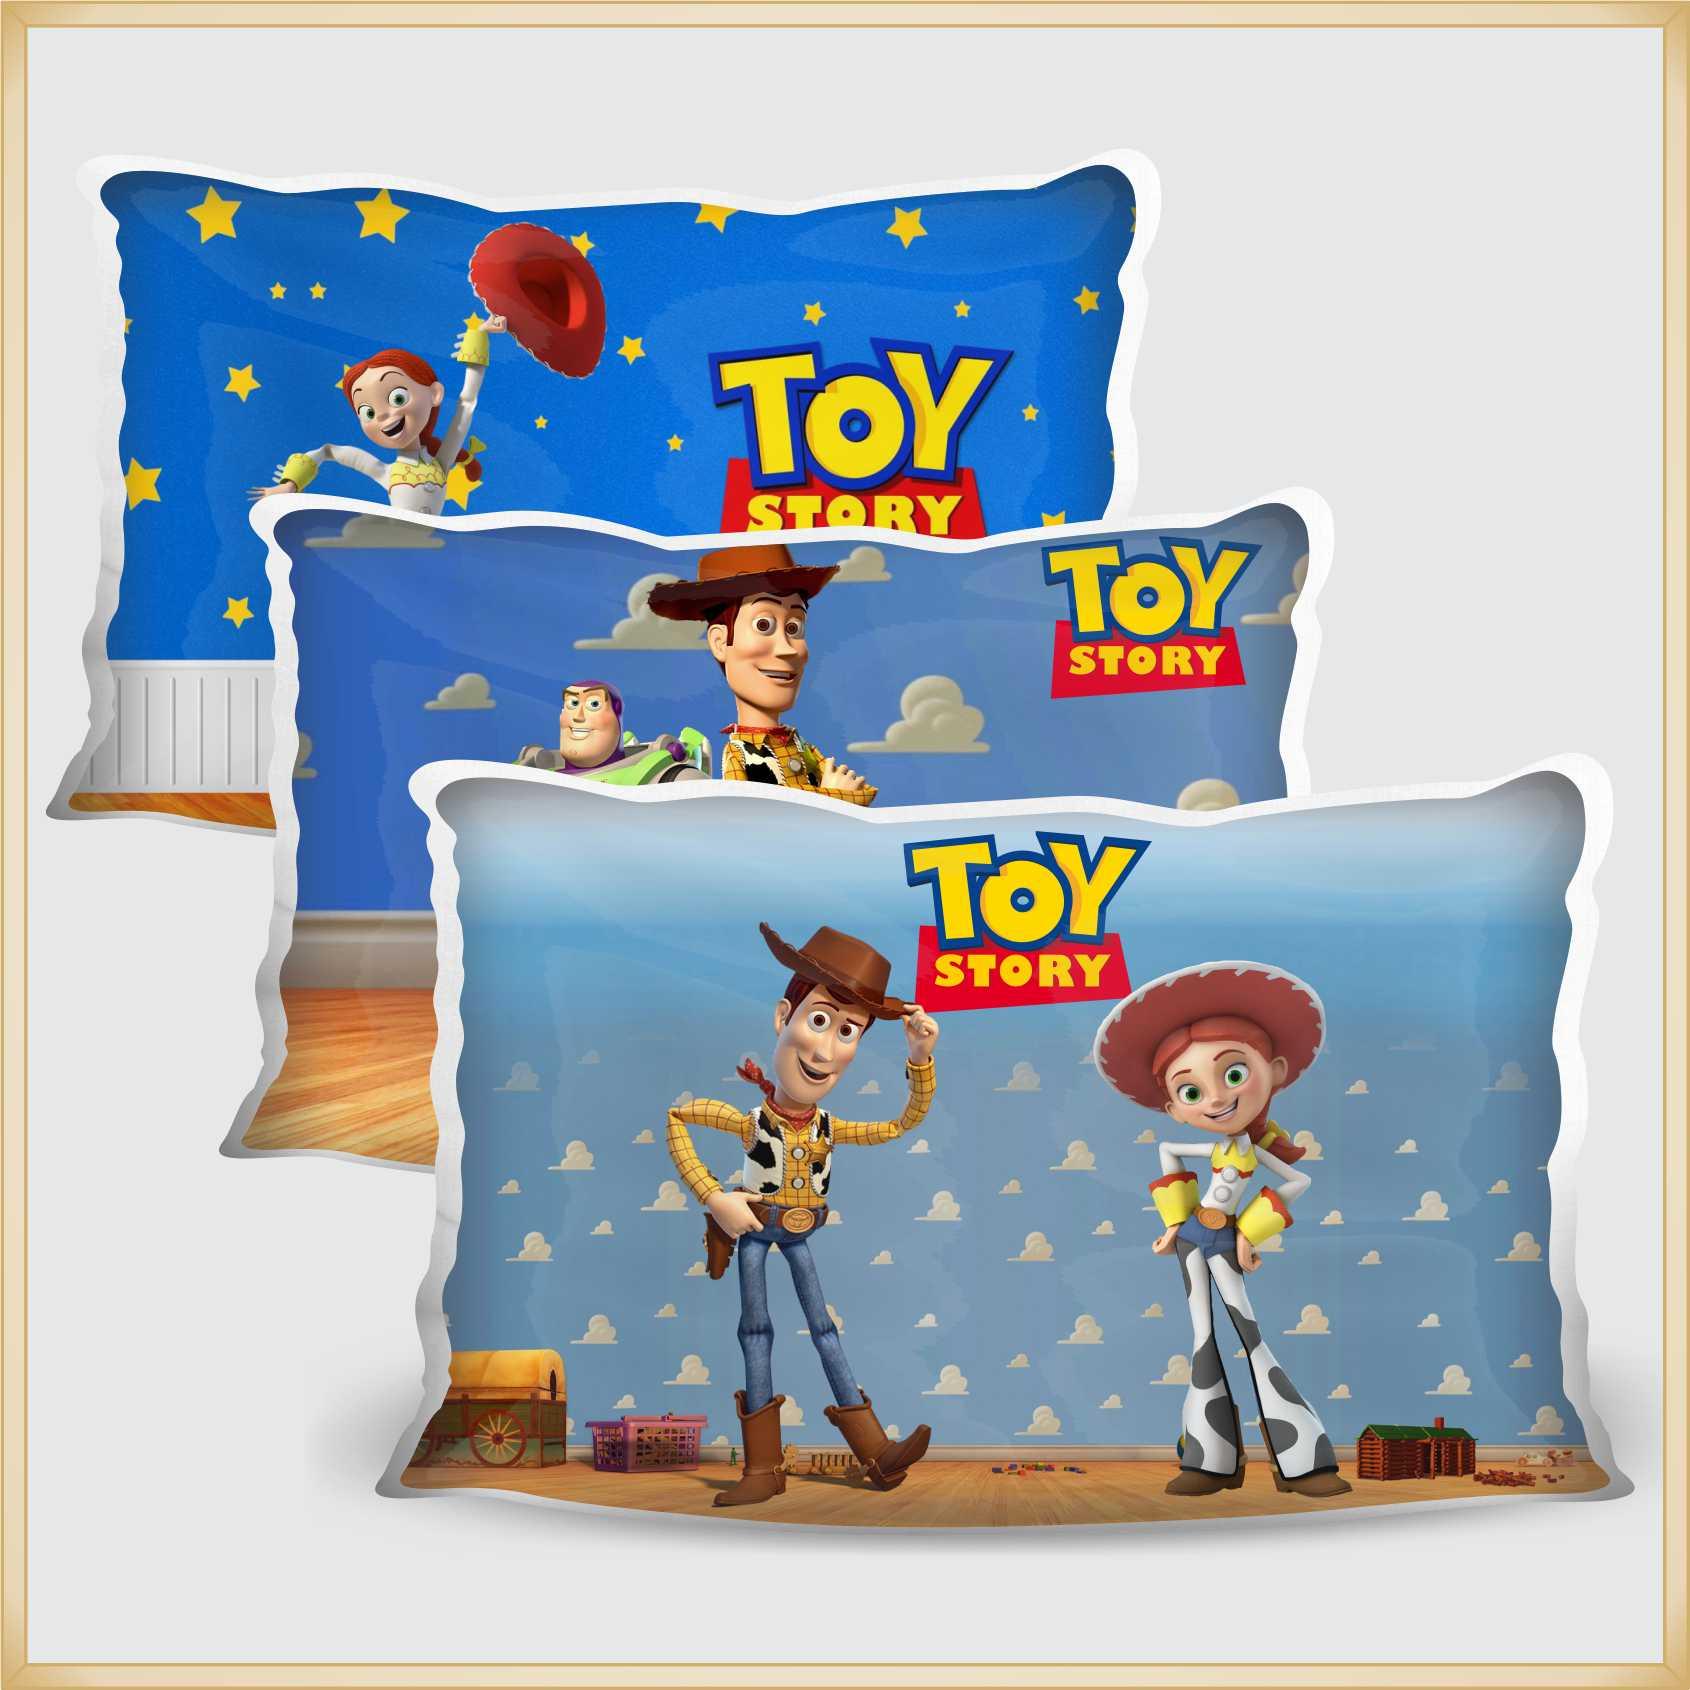 Almofadas Coloridas Infantil Personalizadas Lembrancinhas para festa Aniversário Brinde para Crianças - Kit com 15 unidades Tamanho 20x30cm